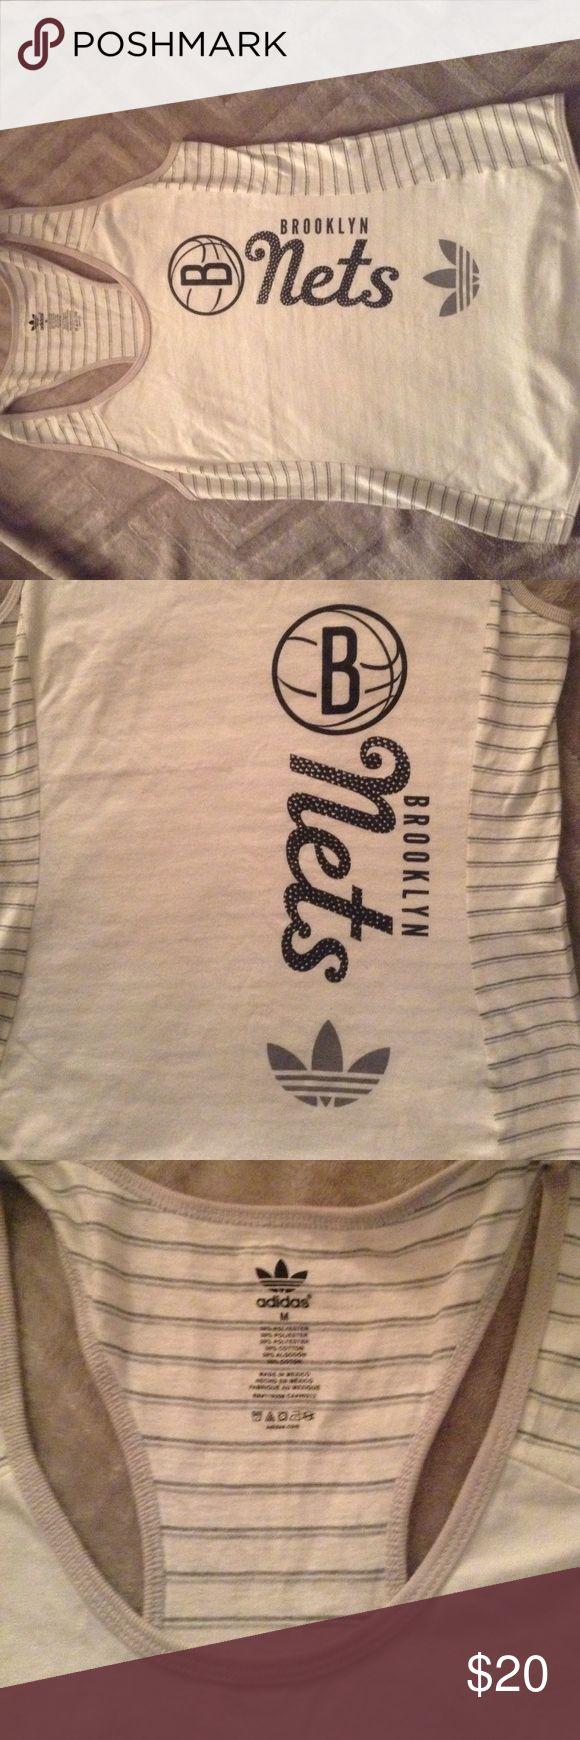 ADIDAS BROOKLYN NETS TANK TOP Adidas Brooklyn Nets tank top Adidas Tops Tank Tops